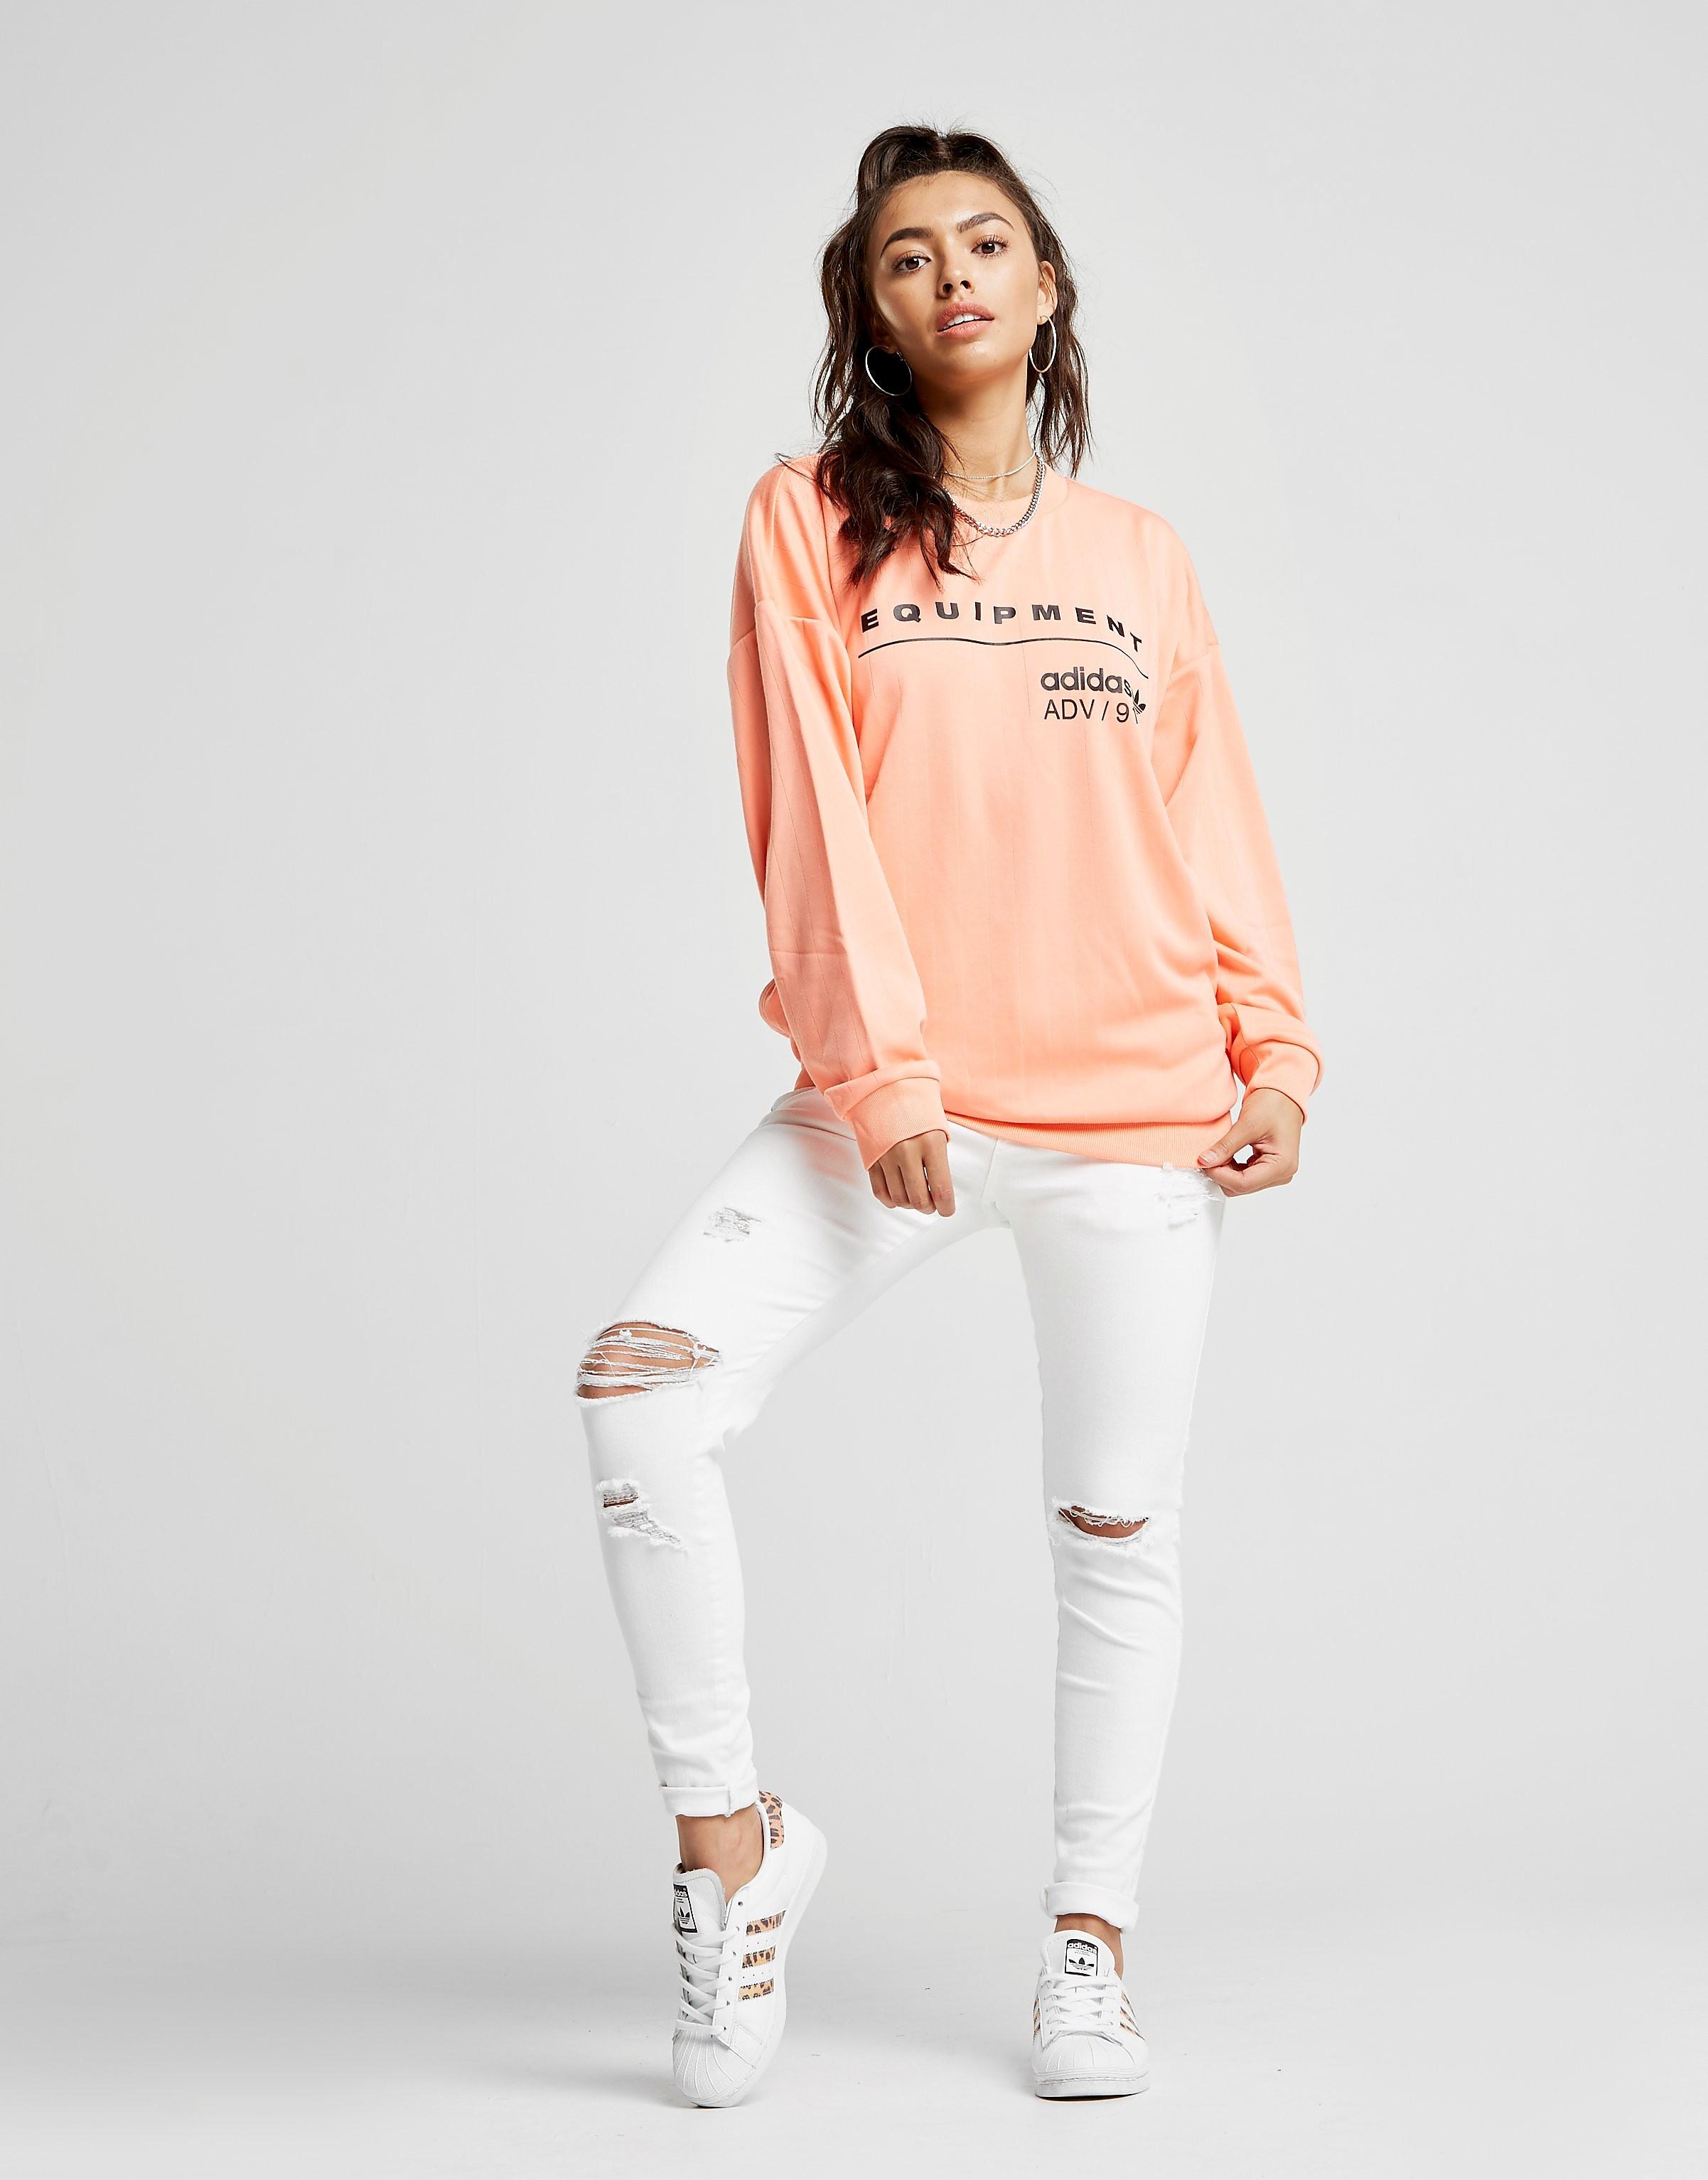 adidas Originals EQT Crew Sweatshirt